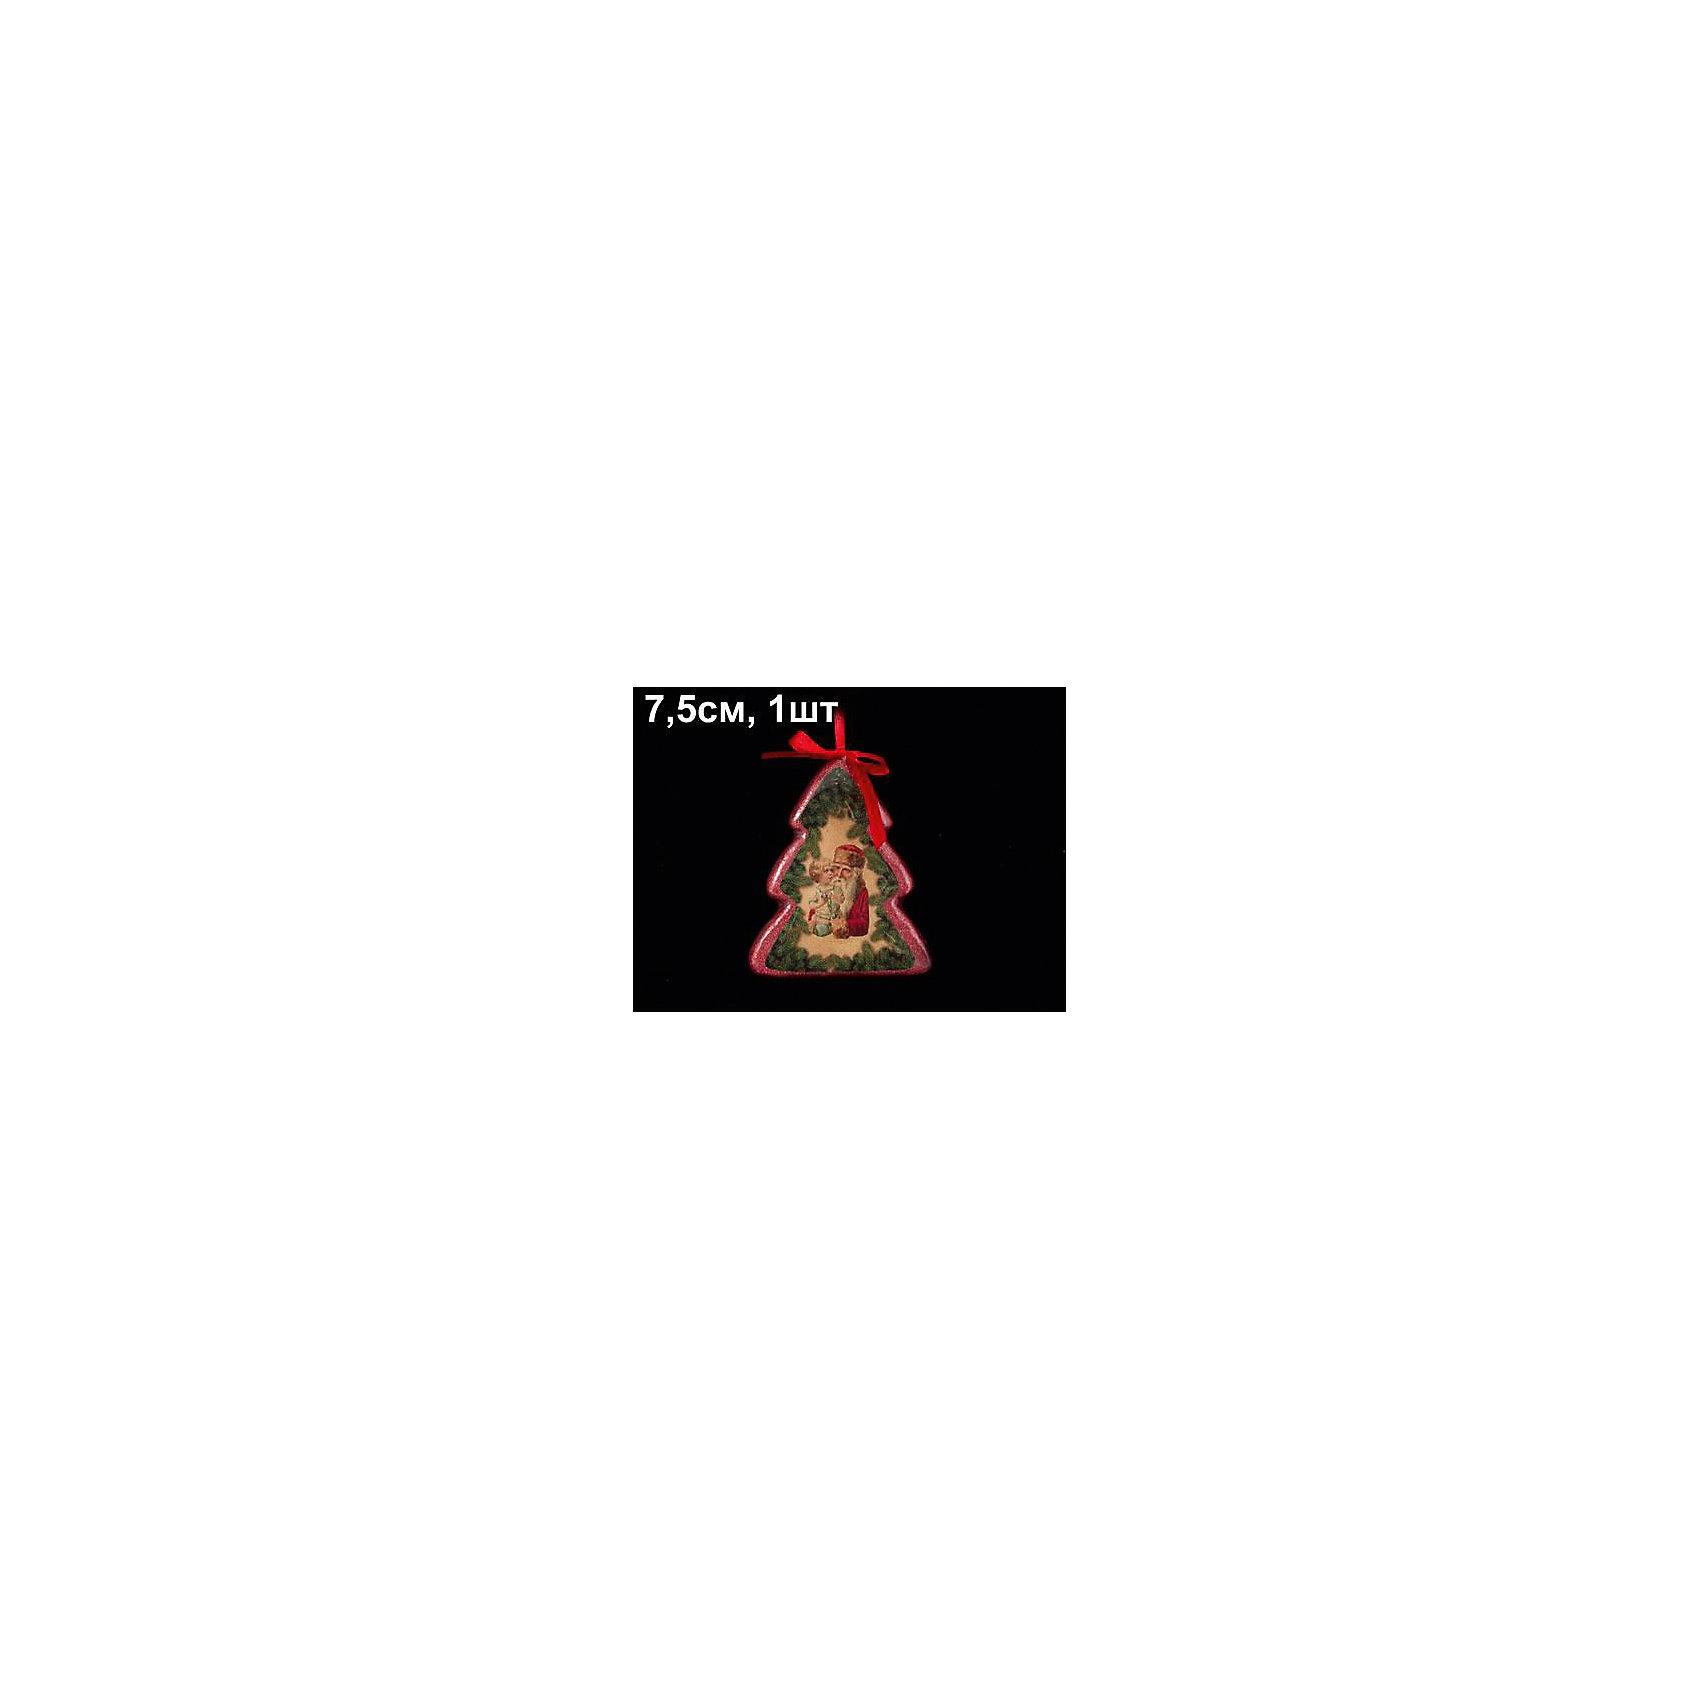 Елочное украшение Елочка, Marko FerenzoУкрашение Елочка, Marko Ferenzo, замечательно дополнит наряд Вашей новогодней елки и поможет создать праздничную волшебную атмосферу. Украшение выполнено в виде нарядной елочки, украшенной изображением Деда Мороза. Оно будет чудесно смотреться на елке и радовать детей и взрослых.<br><br>Дополнительная информация:<br><br>- Цвет: красный/зеленый/коричневый.<br>- Размер украшения: 7,5 см.<br>- Размер упаковки: 9,5 х 8 х 1,5 см. <br>- Вес: 104 гр.<br><br>Елочное украшение Елочка, Marko Ferenzo, можно купить в нашем интернет-магазине.<br><br>Ширина мм: 75<br>Глубина мм: 50<br>Высота мм: 20<br>Вес г: 104<br>Возраст от месяцев: 36<br>Возраст до месяцев: 2147483647<br>Пол: Унисекс<br>Возраст: Детский<br>SKU: 4418907